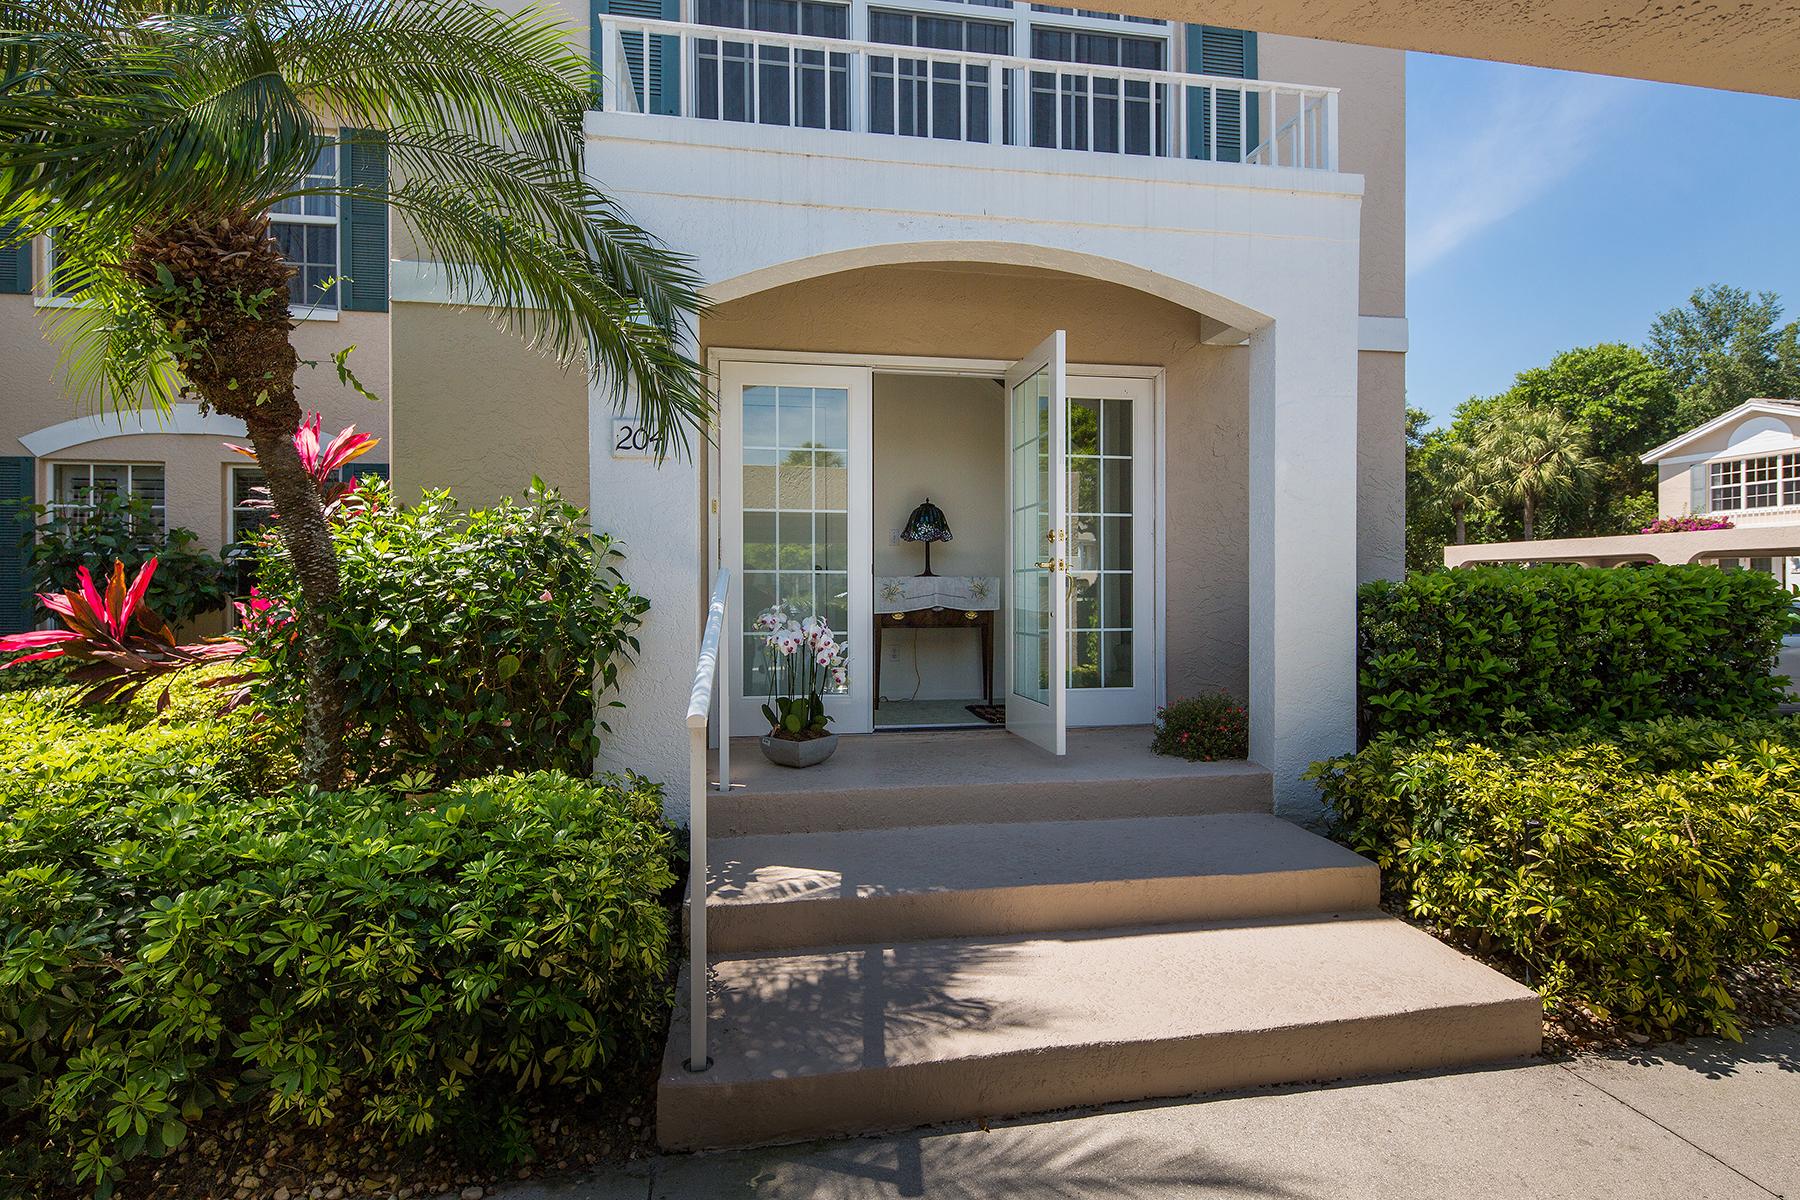 Condomínio para Venda às PELICAN BAY - LAUREL OAKS 841 Tanbark Dr 204 Naples, Florida 34108 Estados Unidos